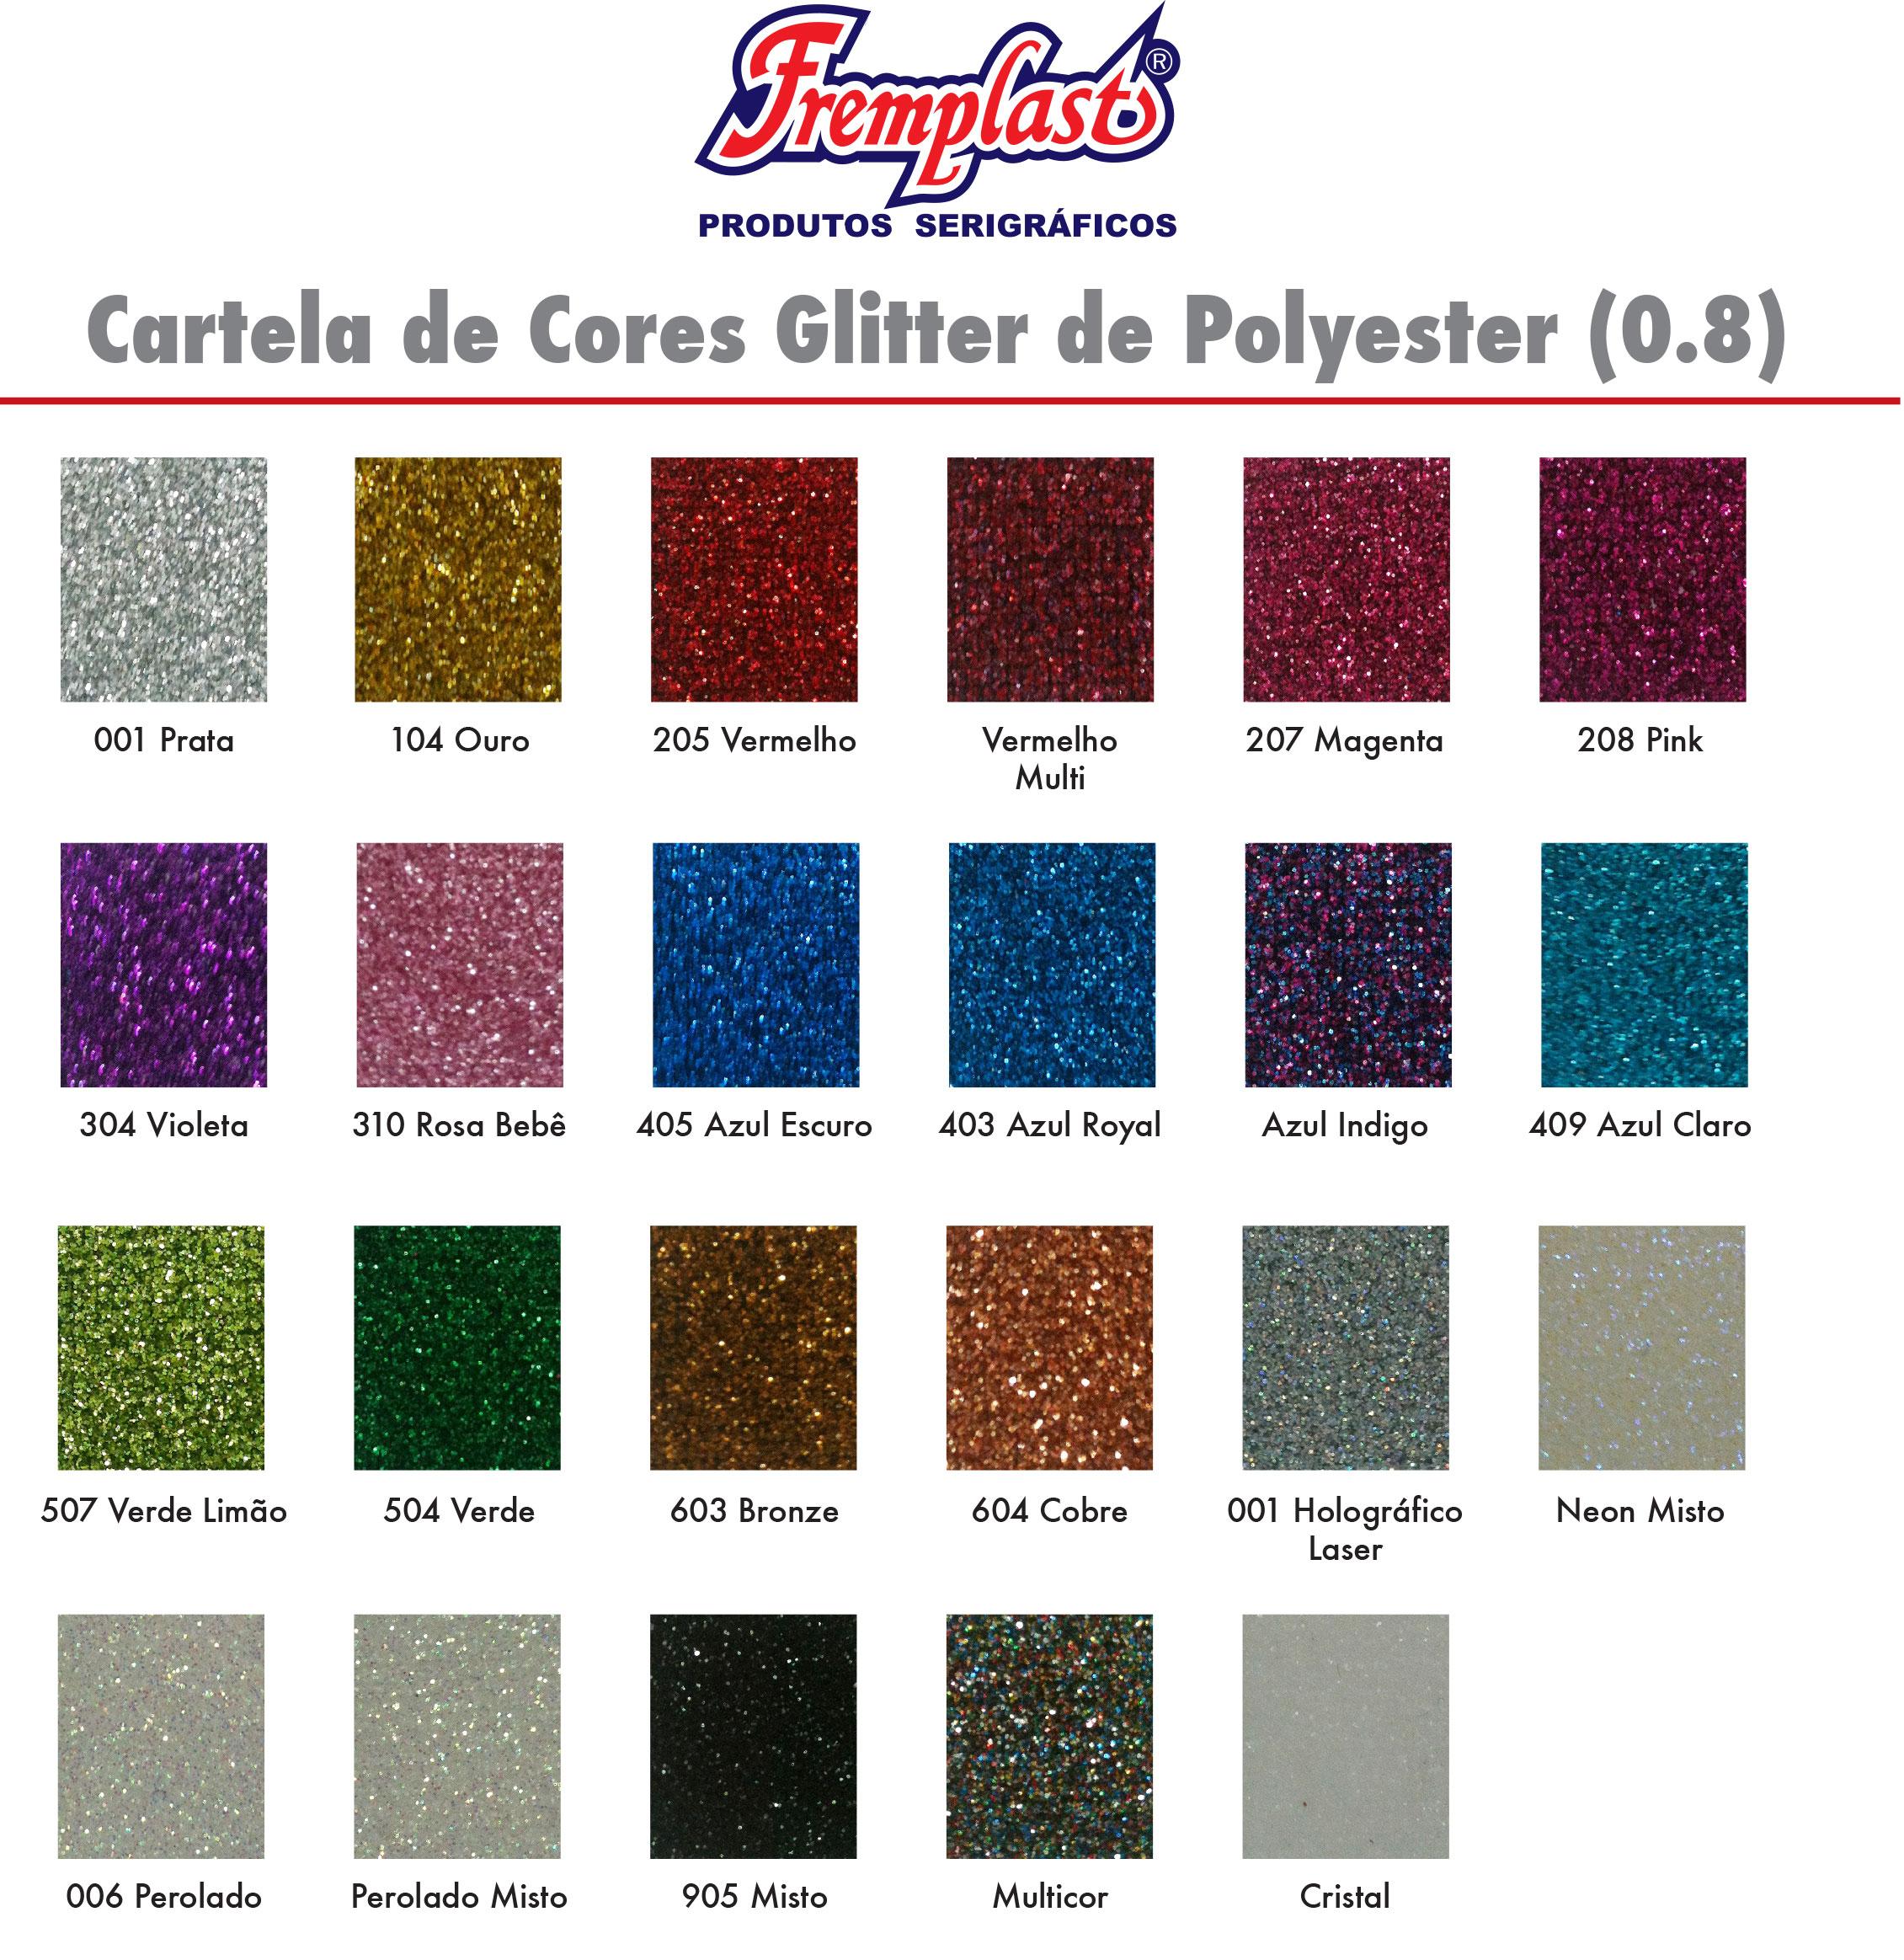 CartelaCoresGlitter fremplast - Cartela de cores